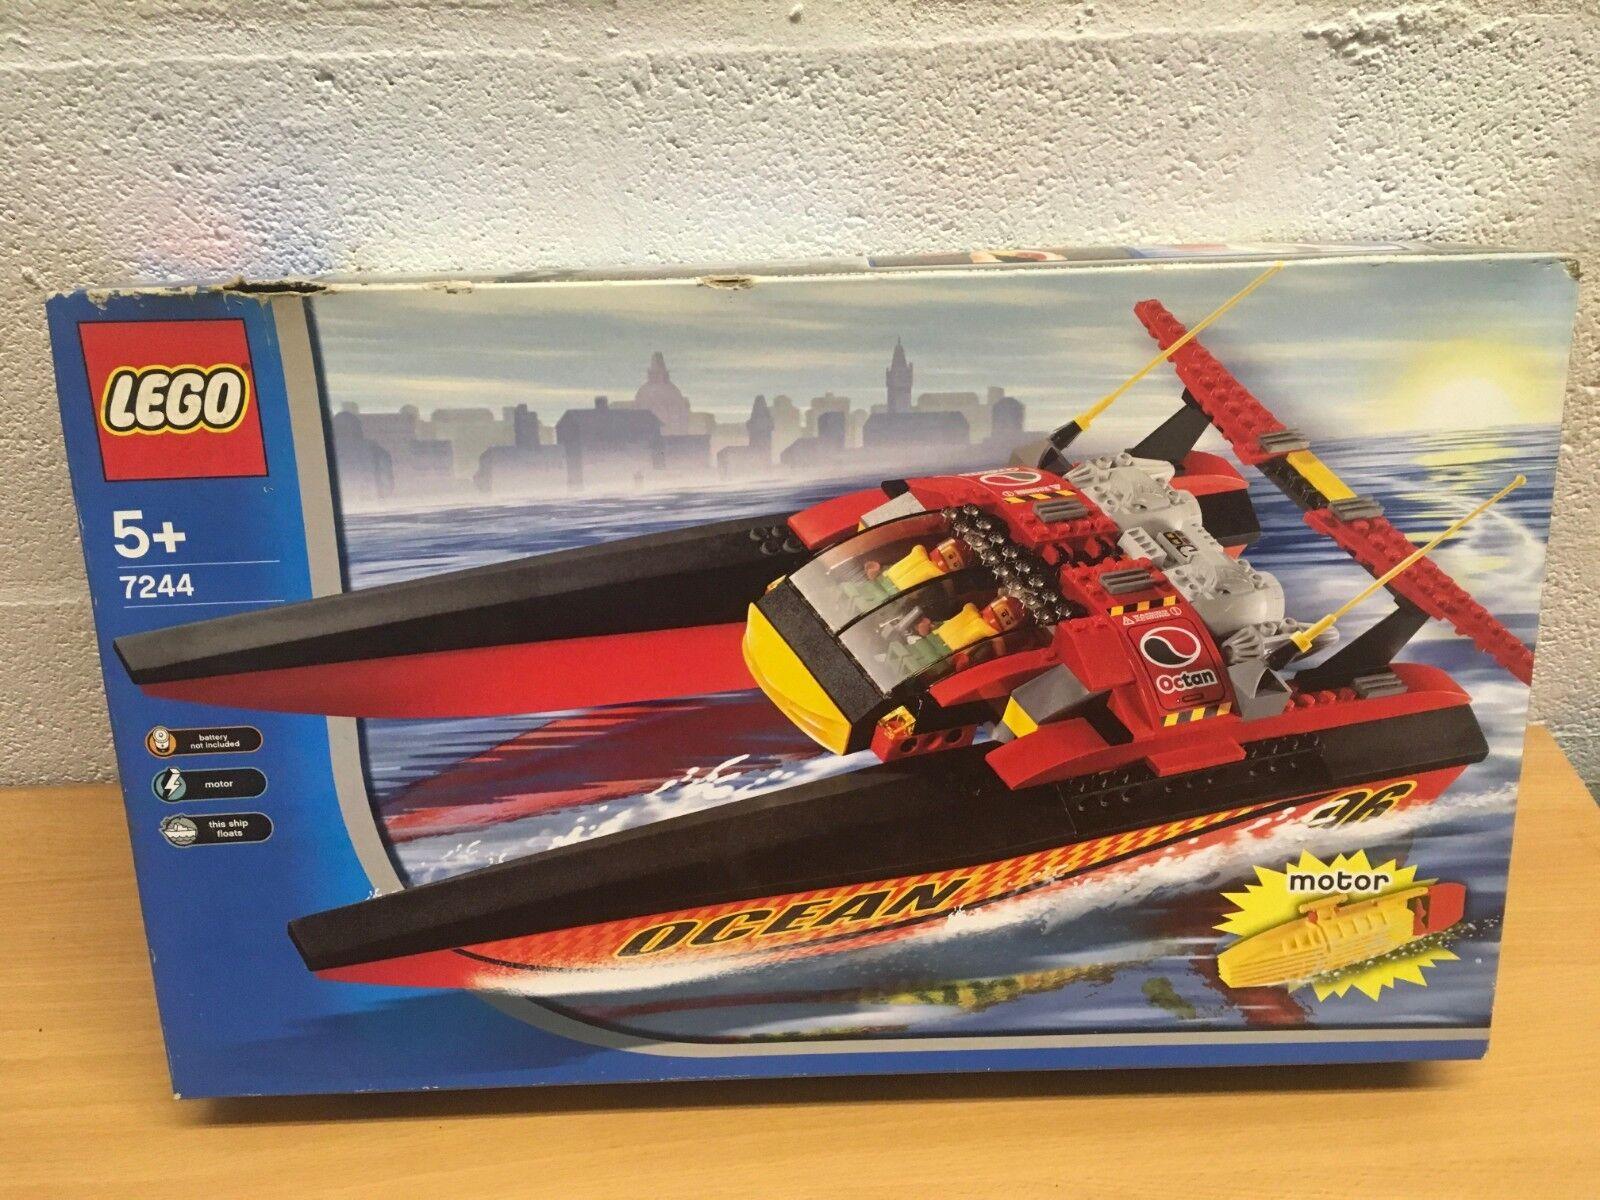 LEGO LEGO LEGO CITY 7244 SPEEDBOAT WITH MOTOR NEW SEALED e720bd